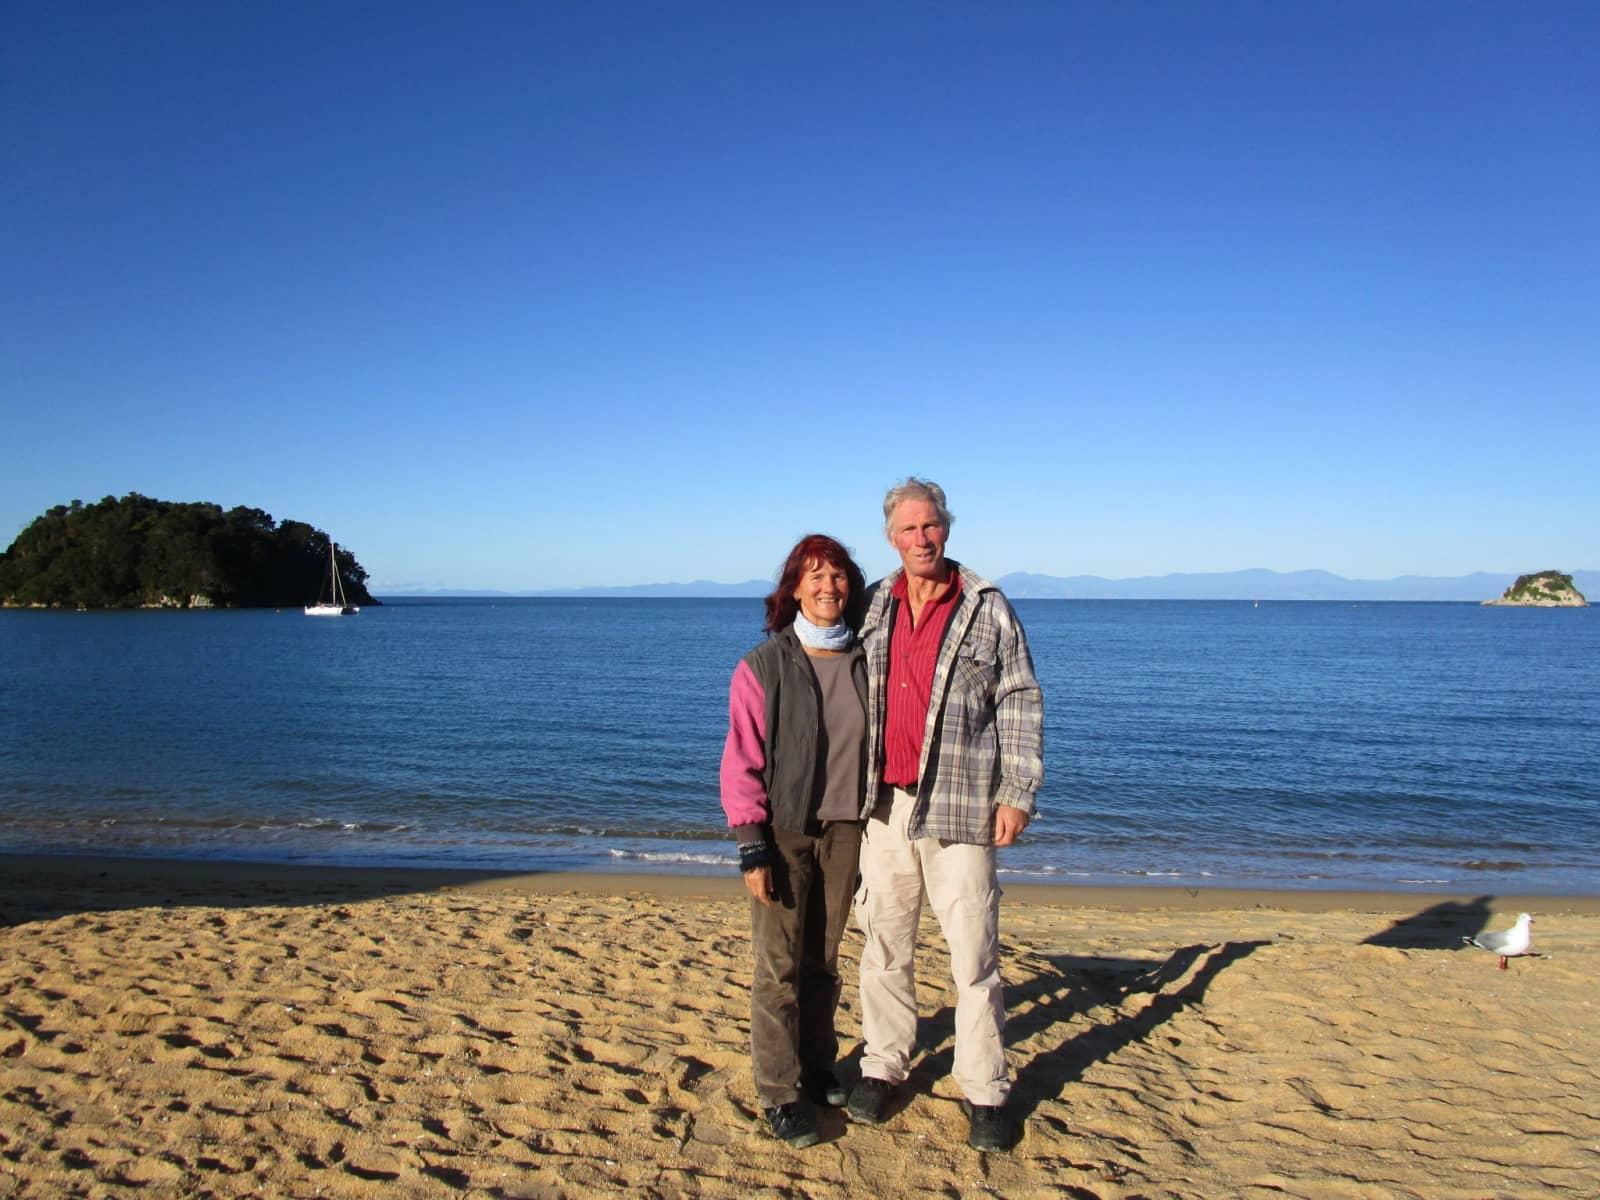 Barbara & Horst from Bern, Switzerland